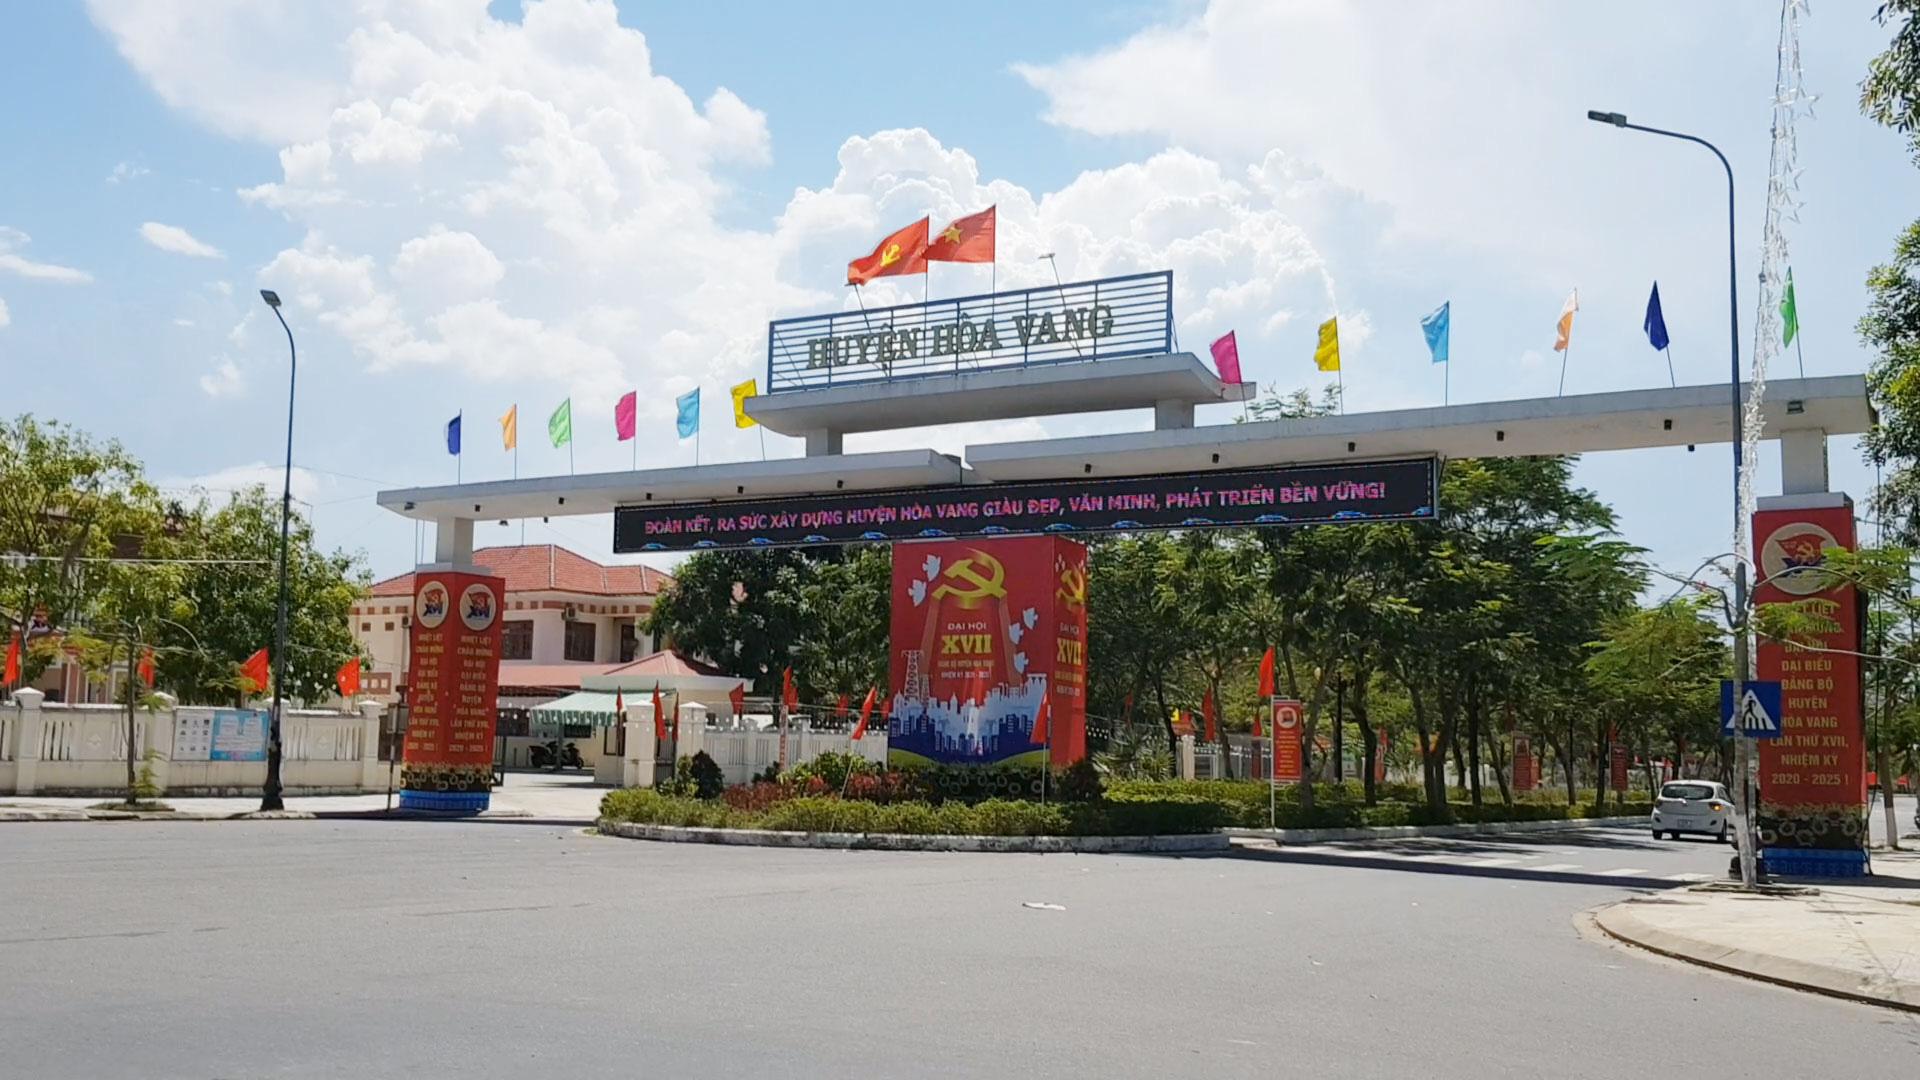 """Thực hư hoang tin """"huyện Hòa Vang bị phong tỏa, cấm đường vì Covid-19"""""""